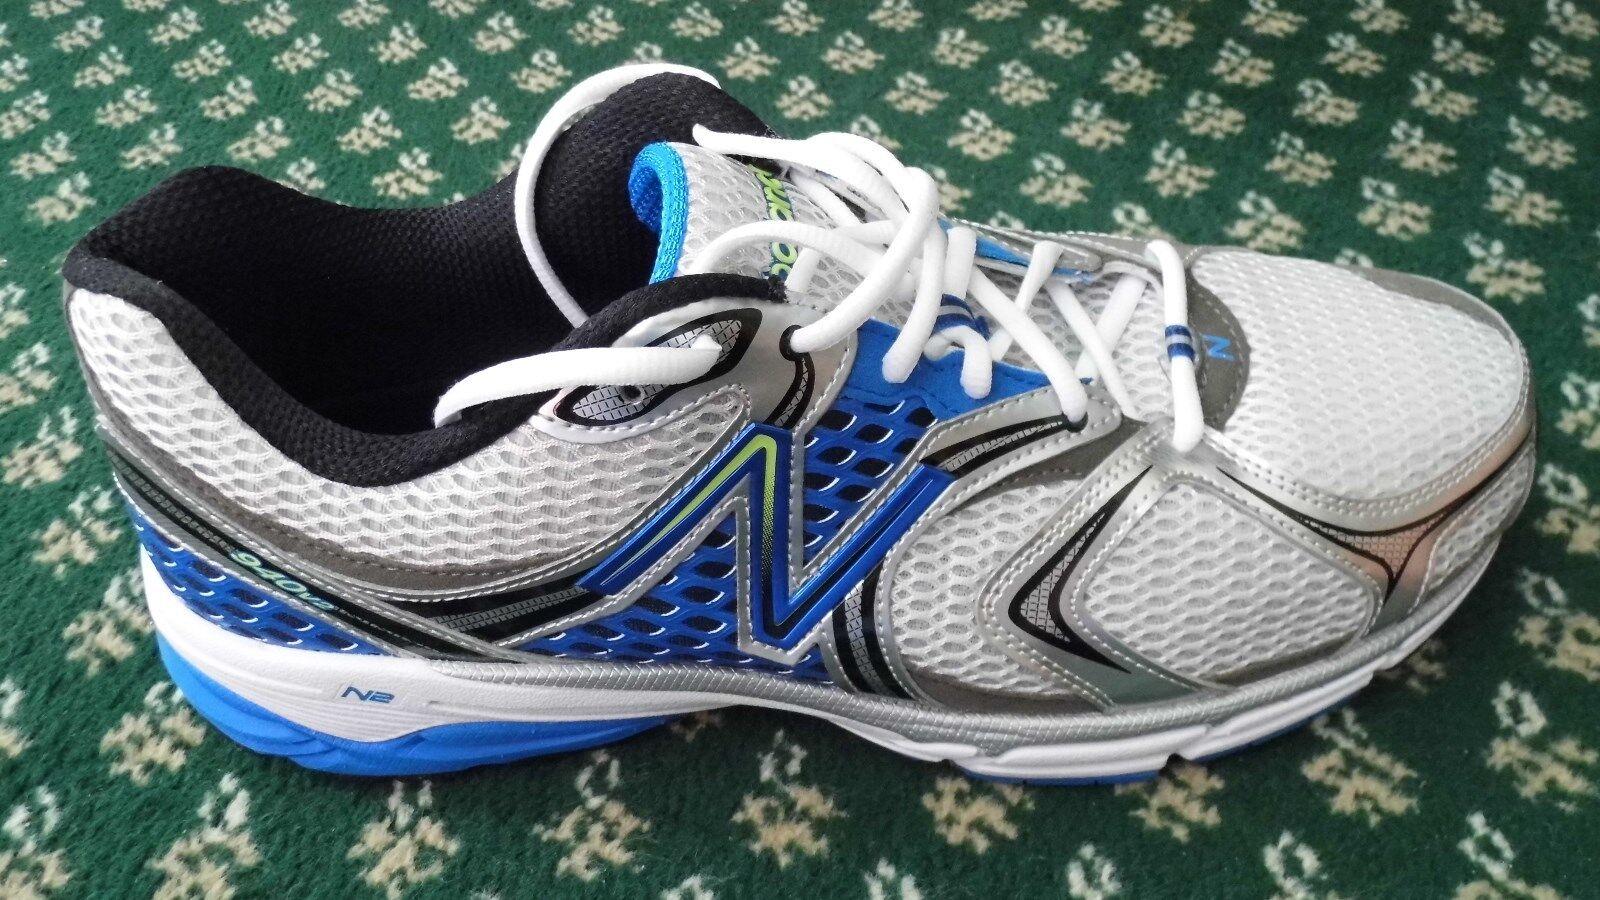 NUOVO CON SCATOLA NEW BALANCE 940v2 UK12.5 4E 4E 4E Extra Largo (MR940WB2) stabilità scarpa da corsa eb4753